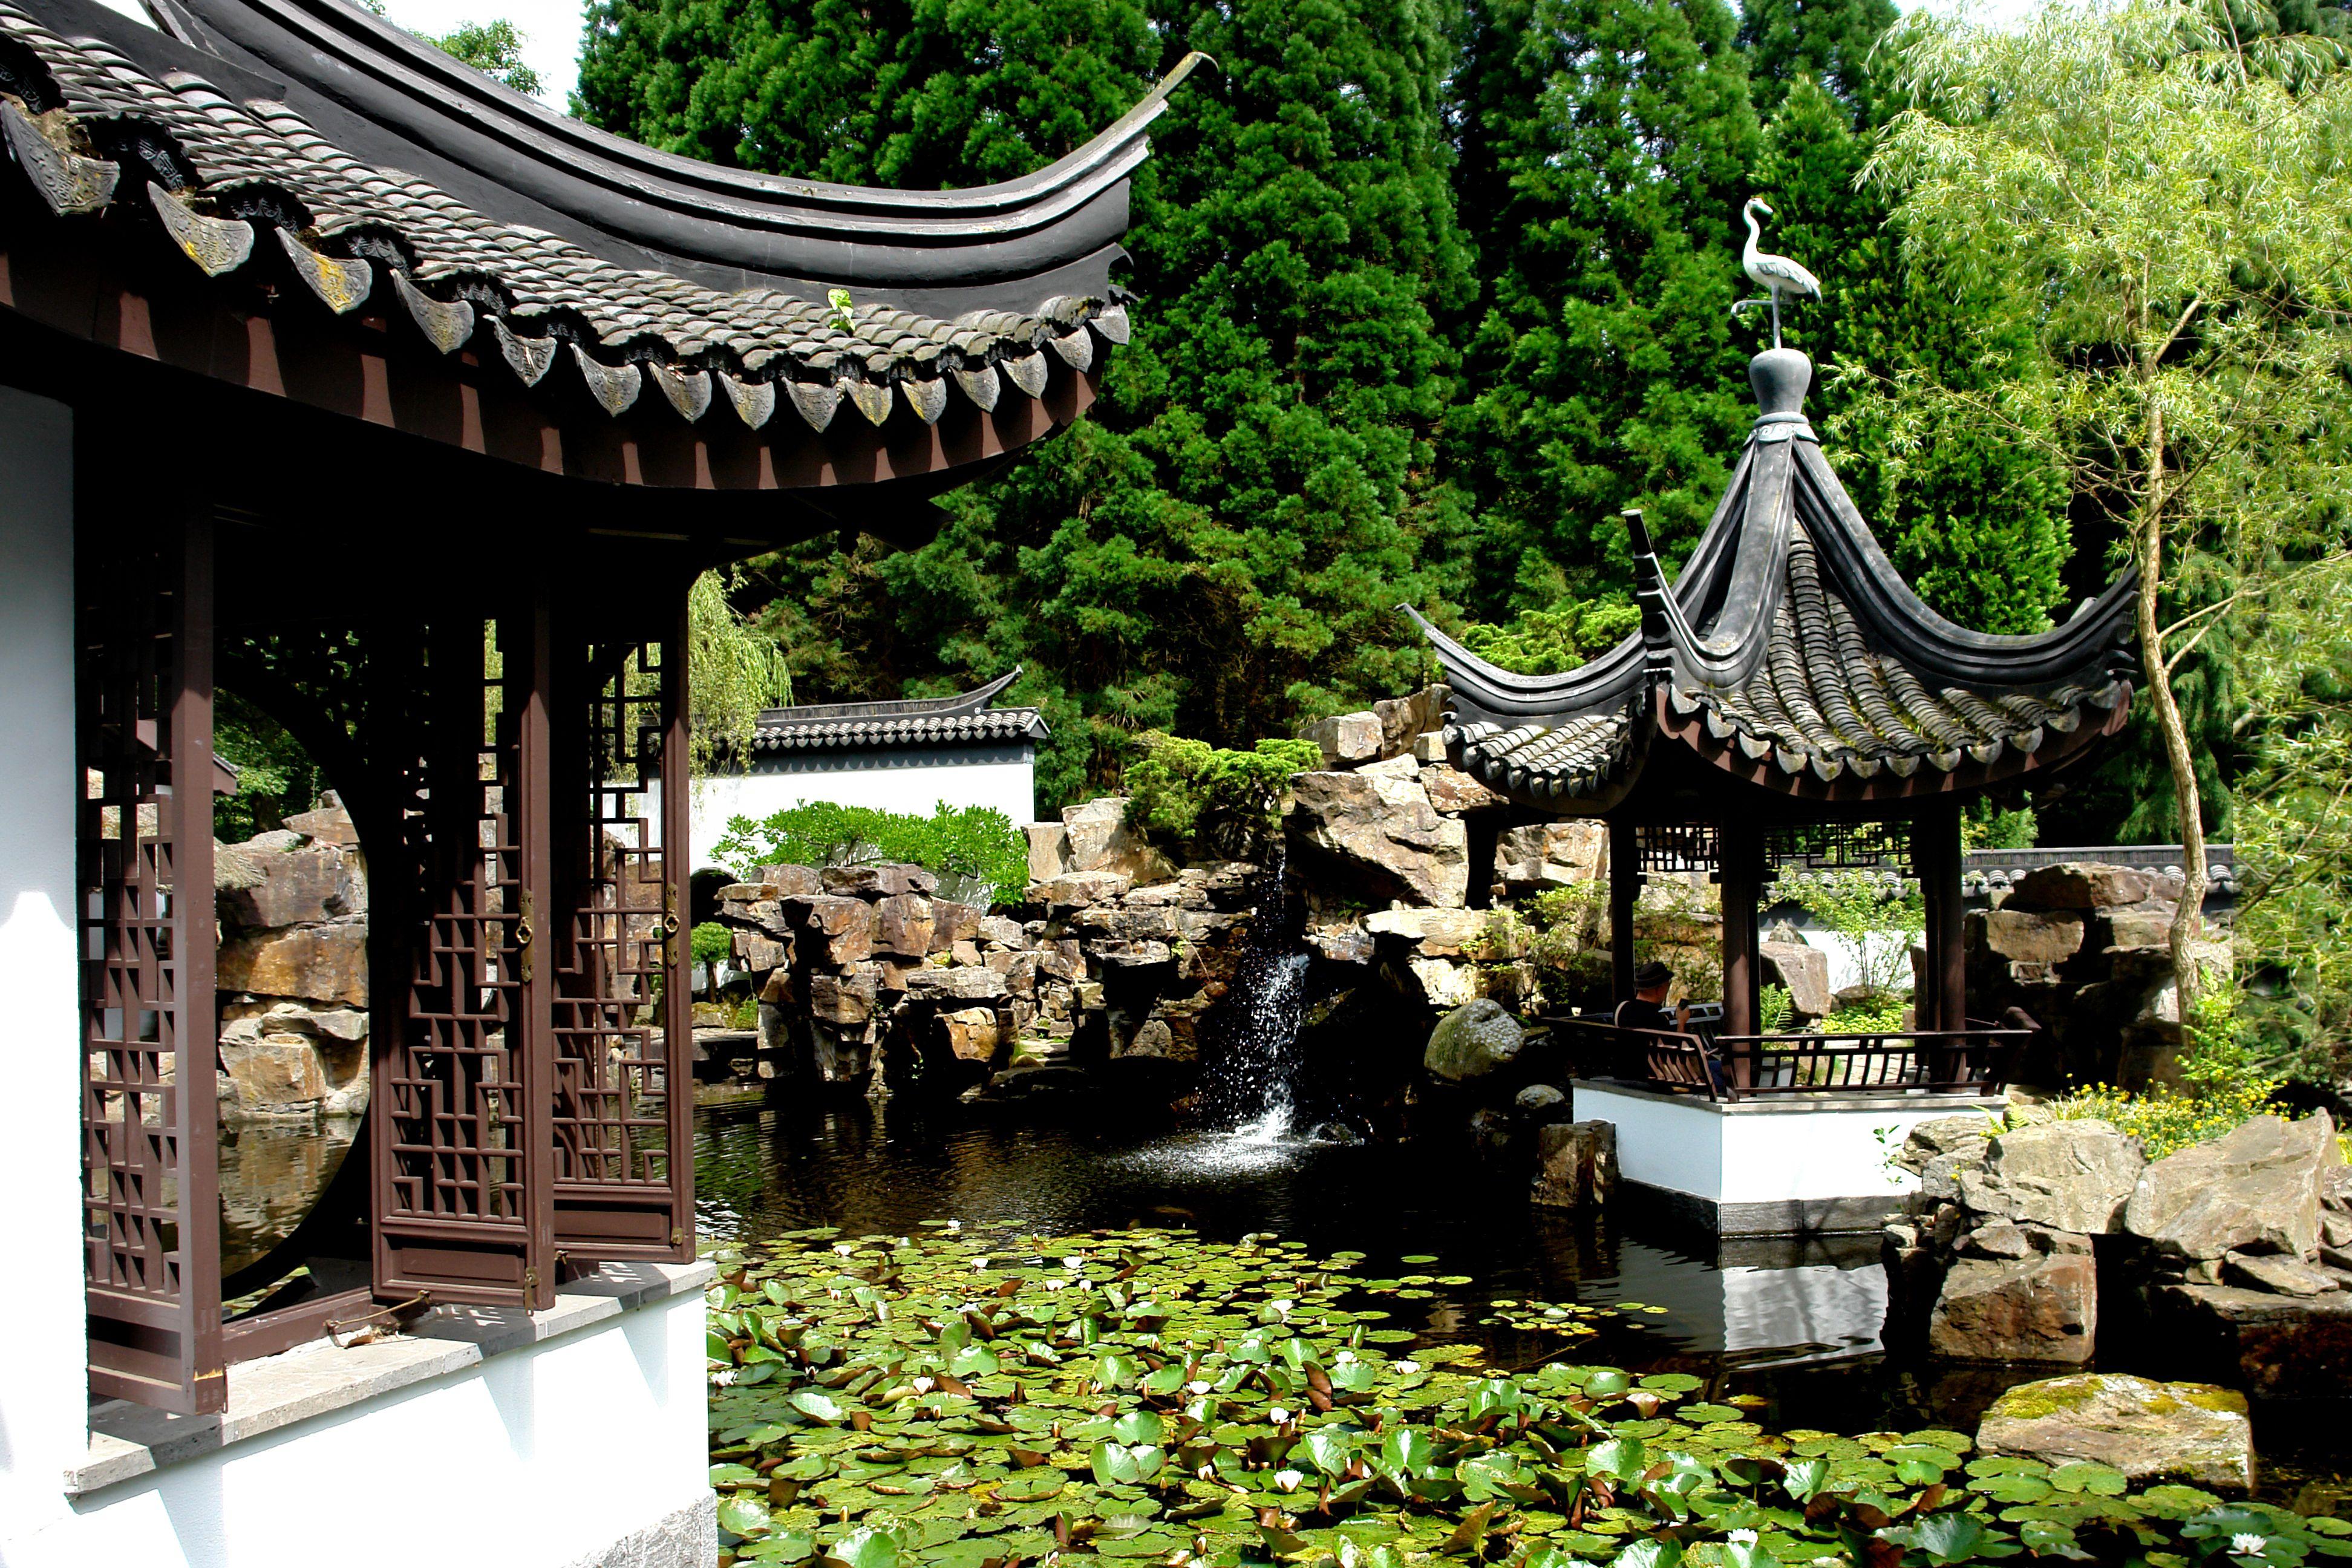 Chinesischer Garten Chinesischer Garten Ruhrgebiet Garten